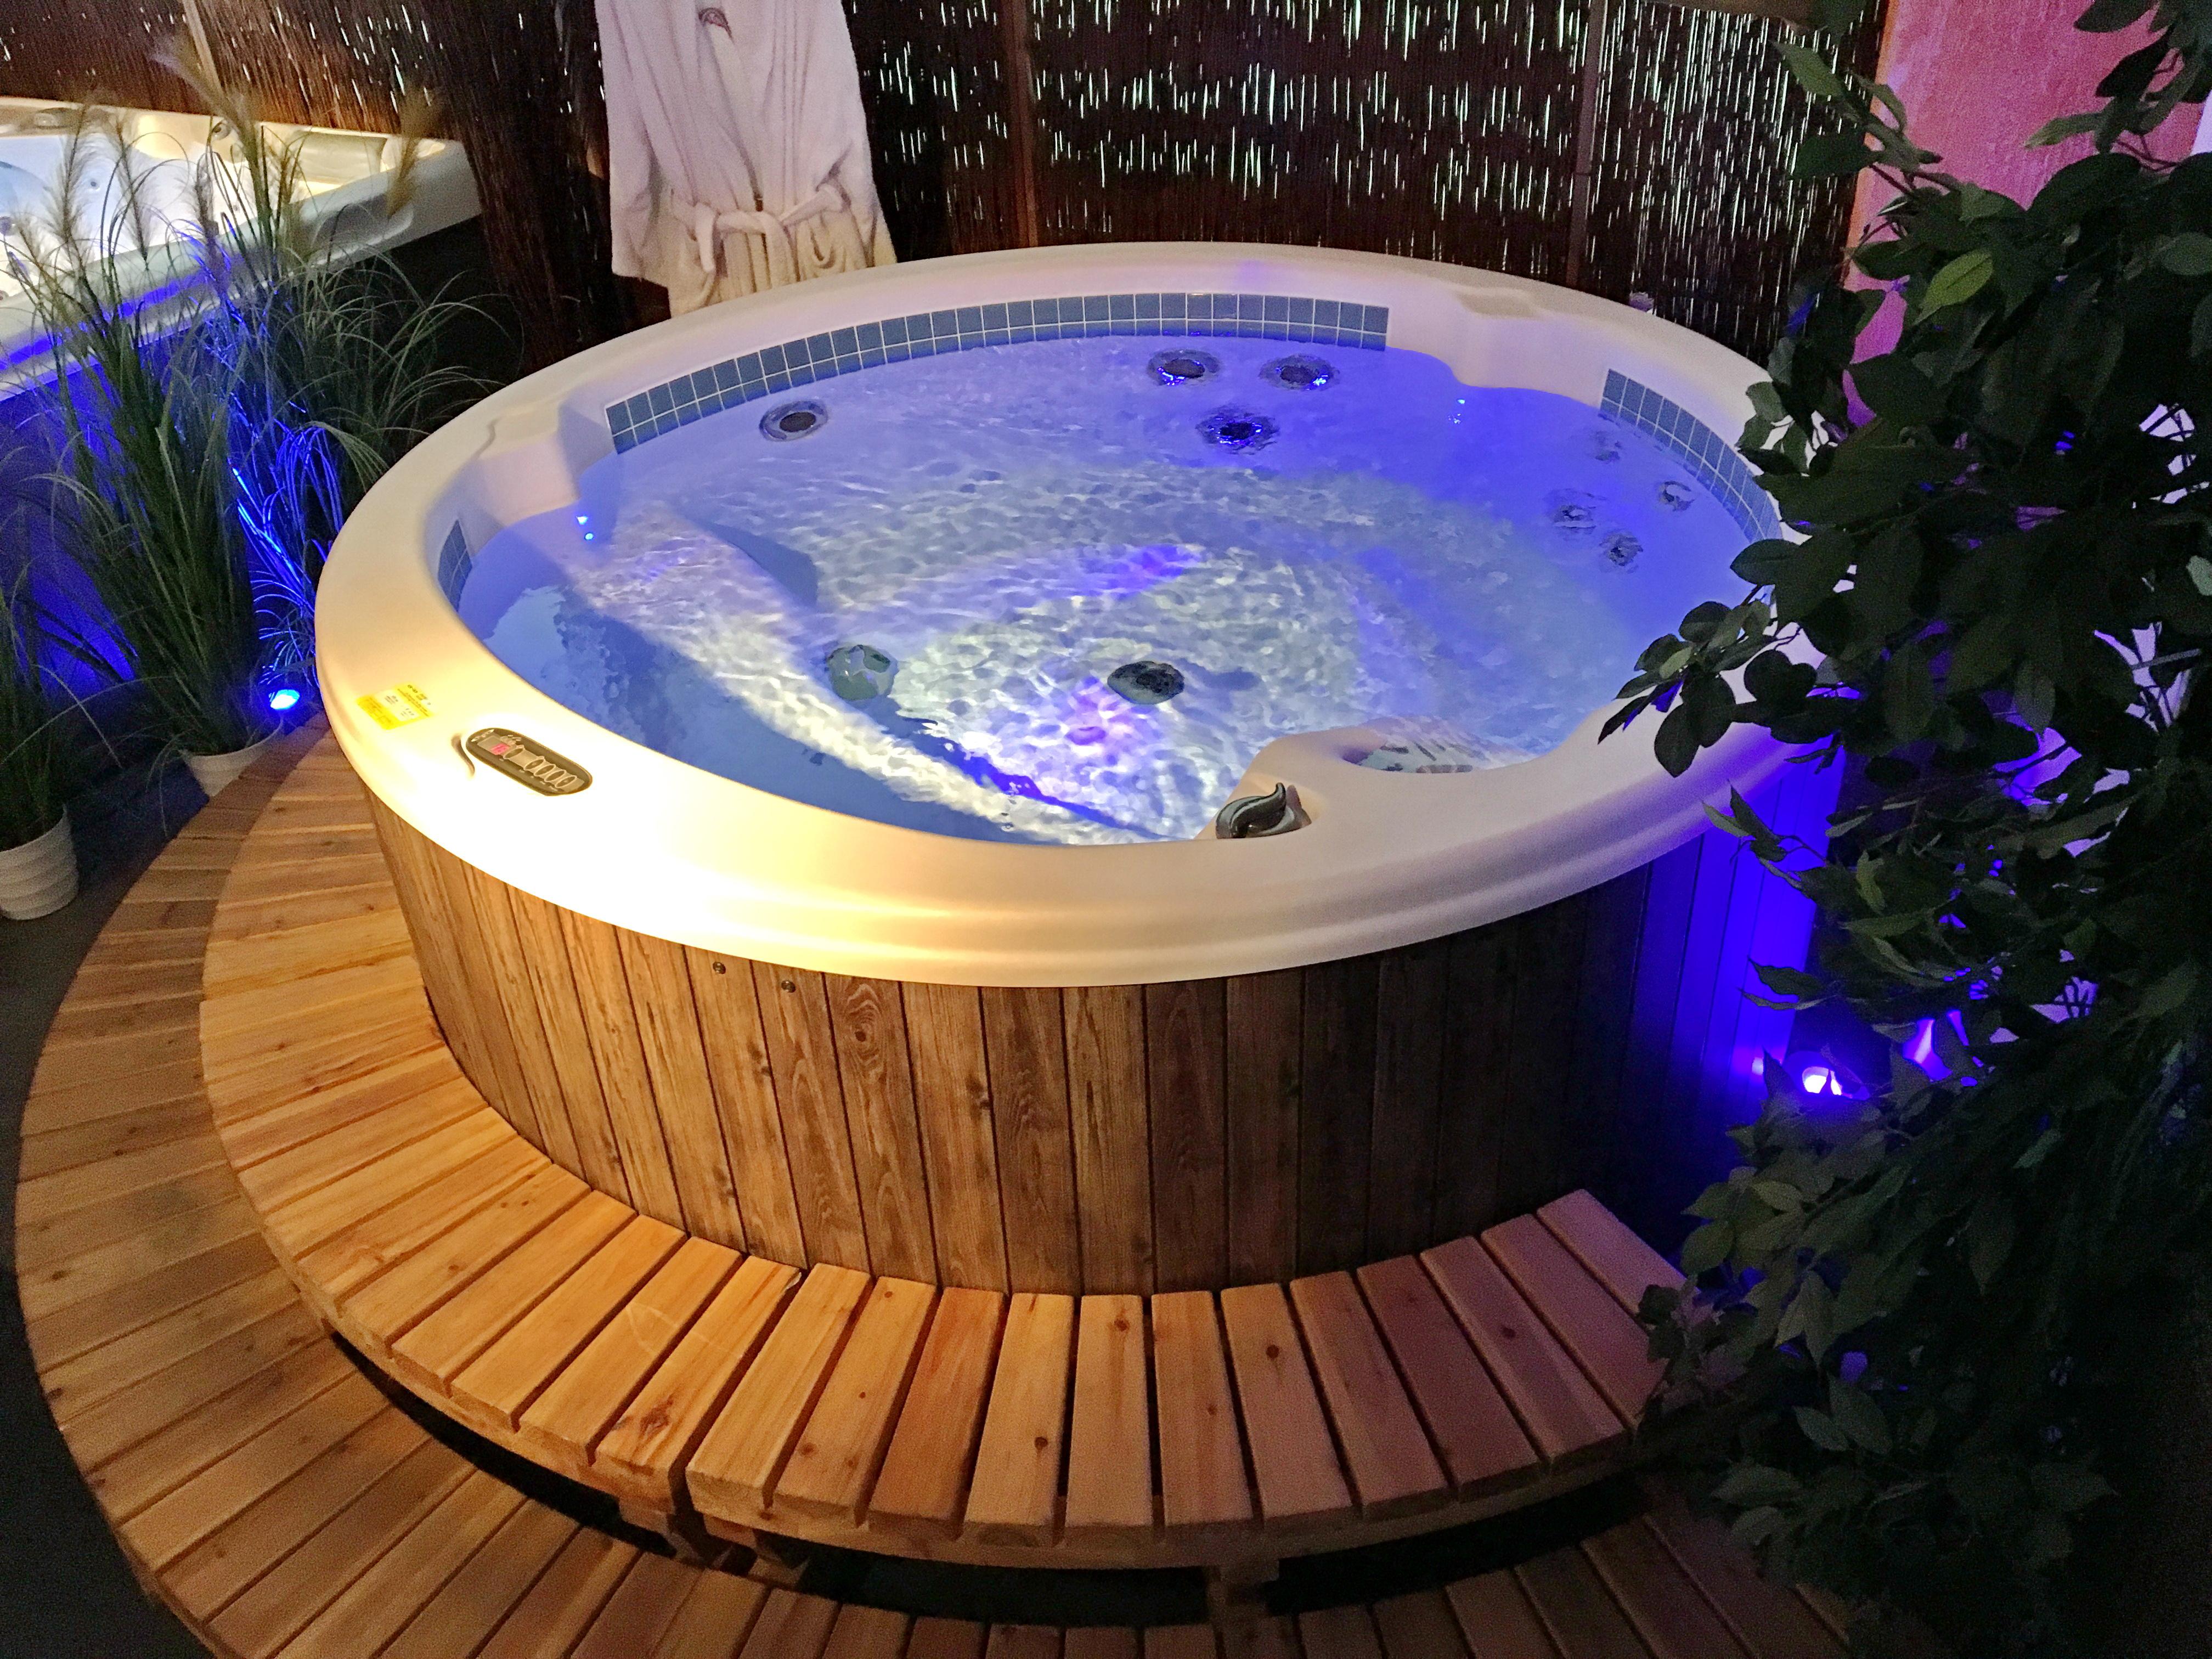 Bevorzugt Whirlpool Schnäppchen - Gebrauchte Außen-Whirlpool und Jacuzzi BT69